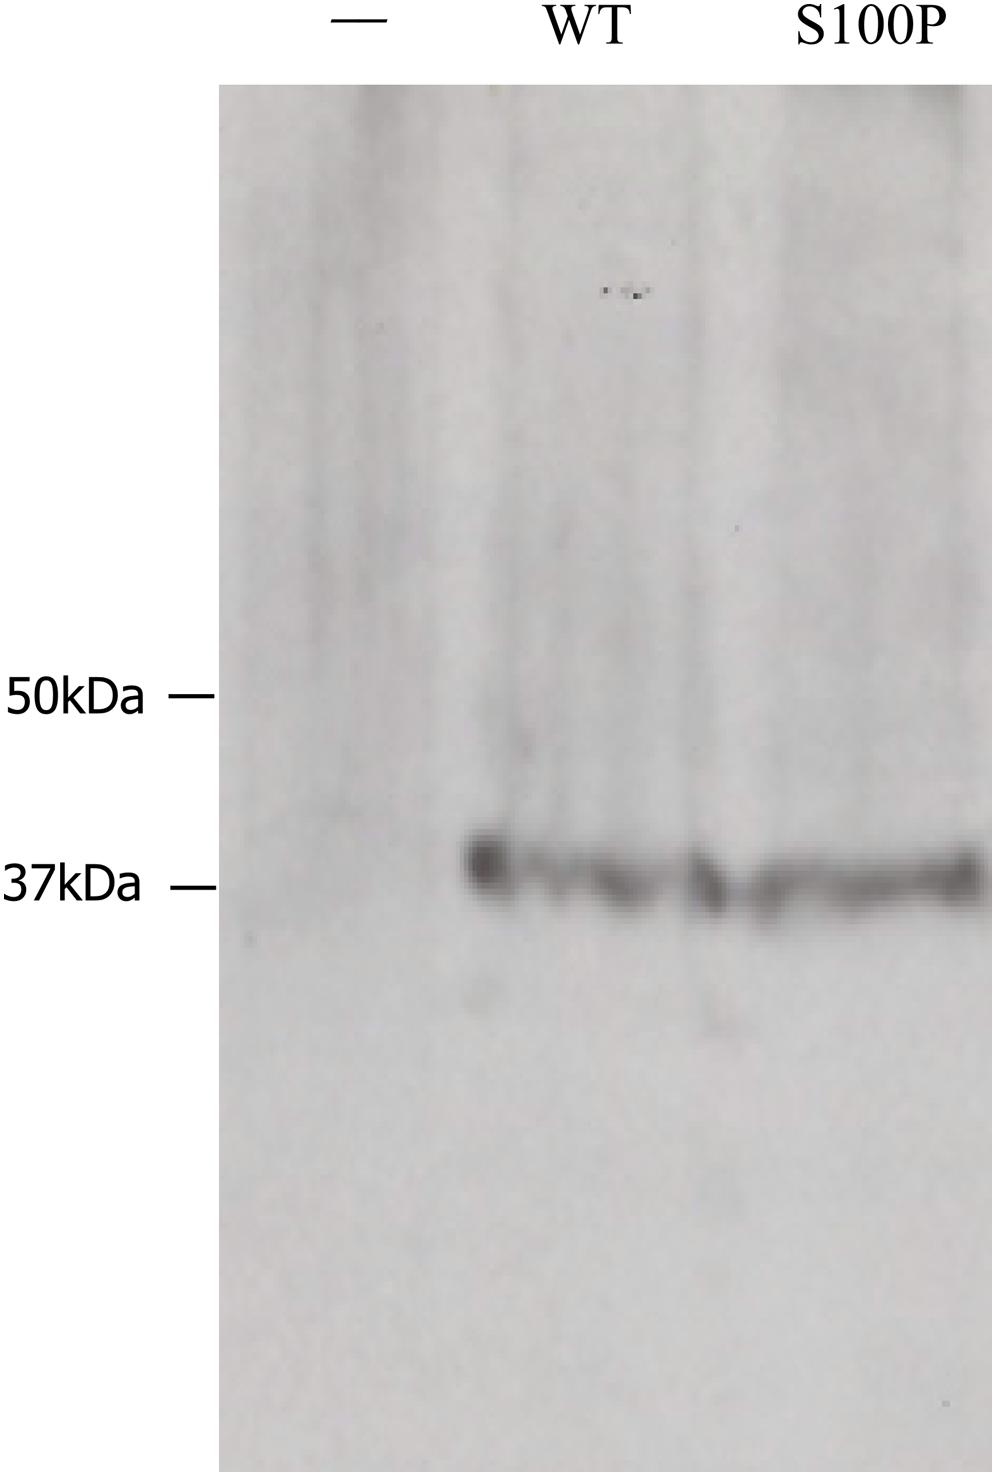 Blot overlay analysis of CA8-ITPR1 binding.